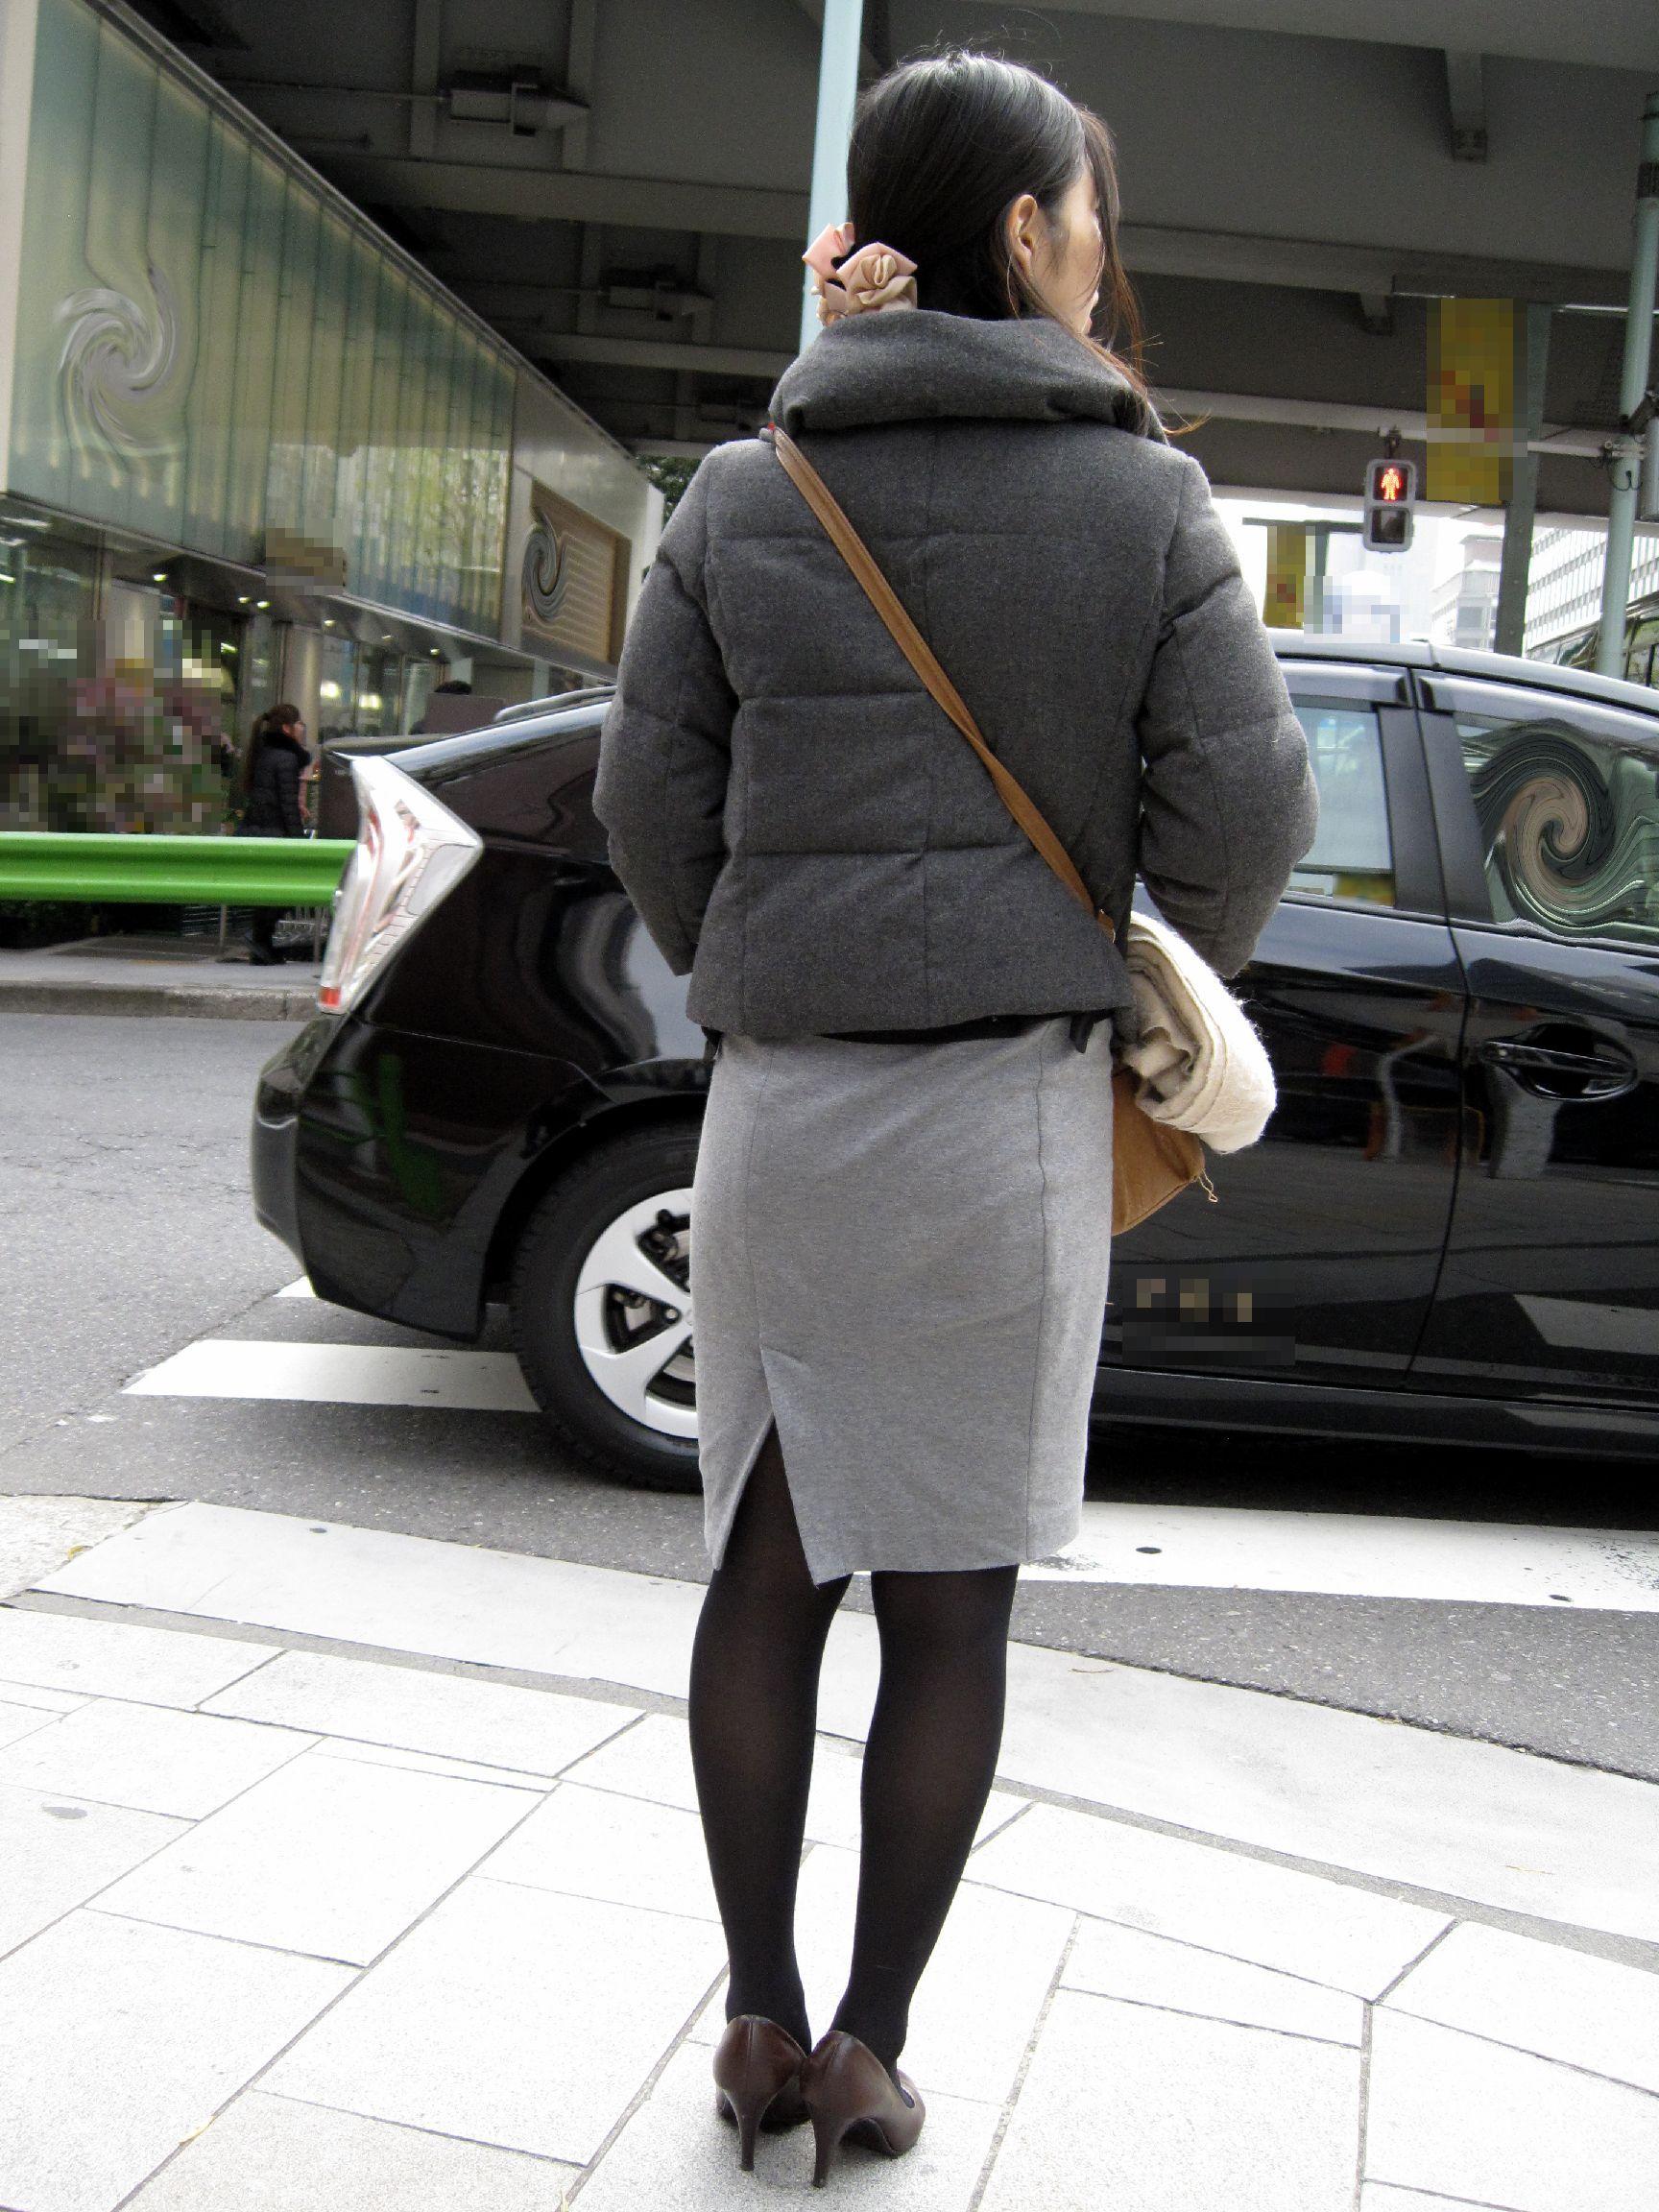 いやらしさしか感じないタイトスカートのお尻盗撮素人エロ画像22